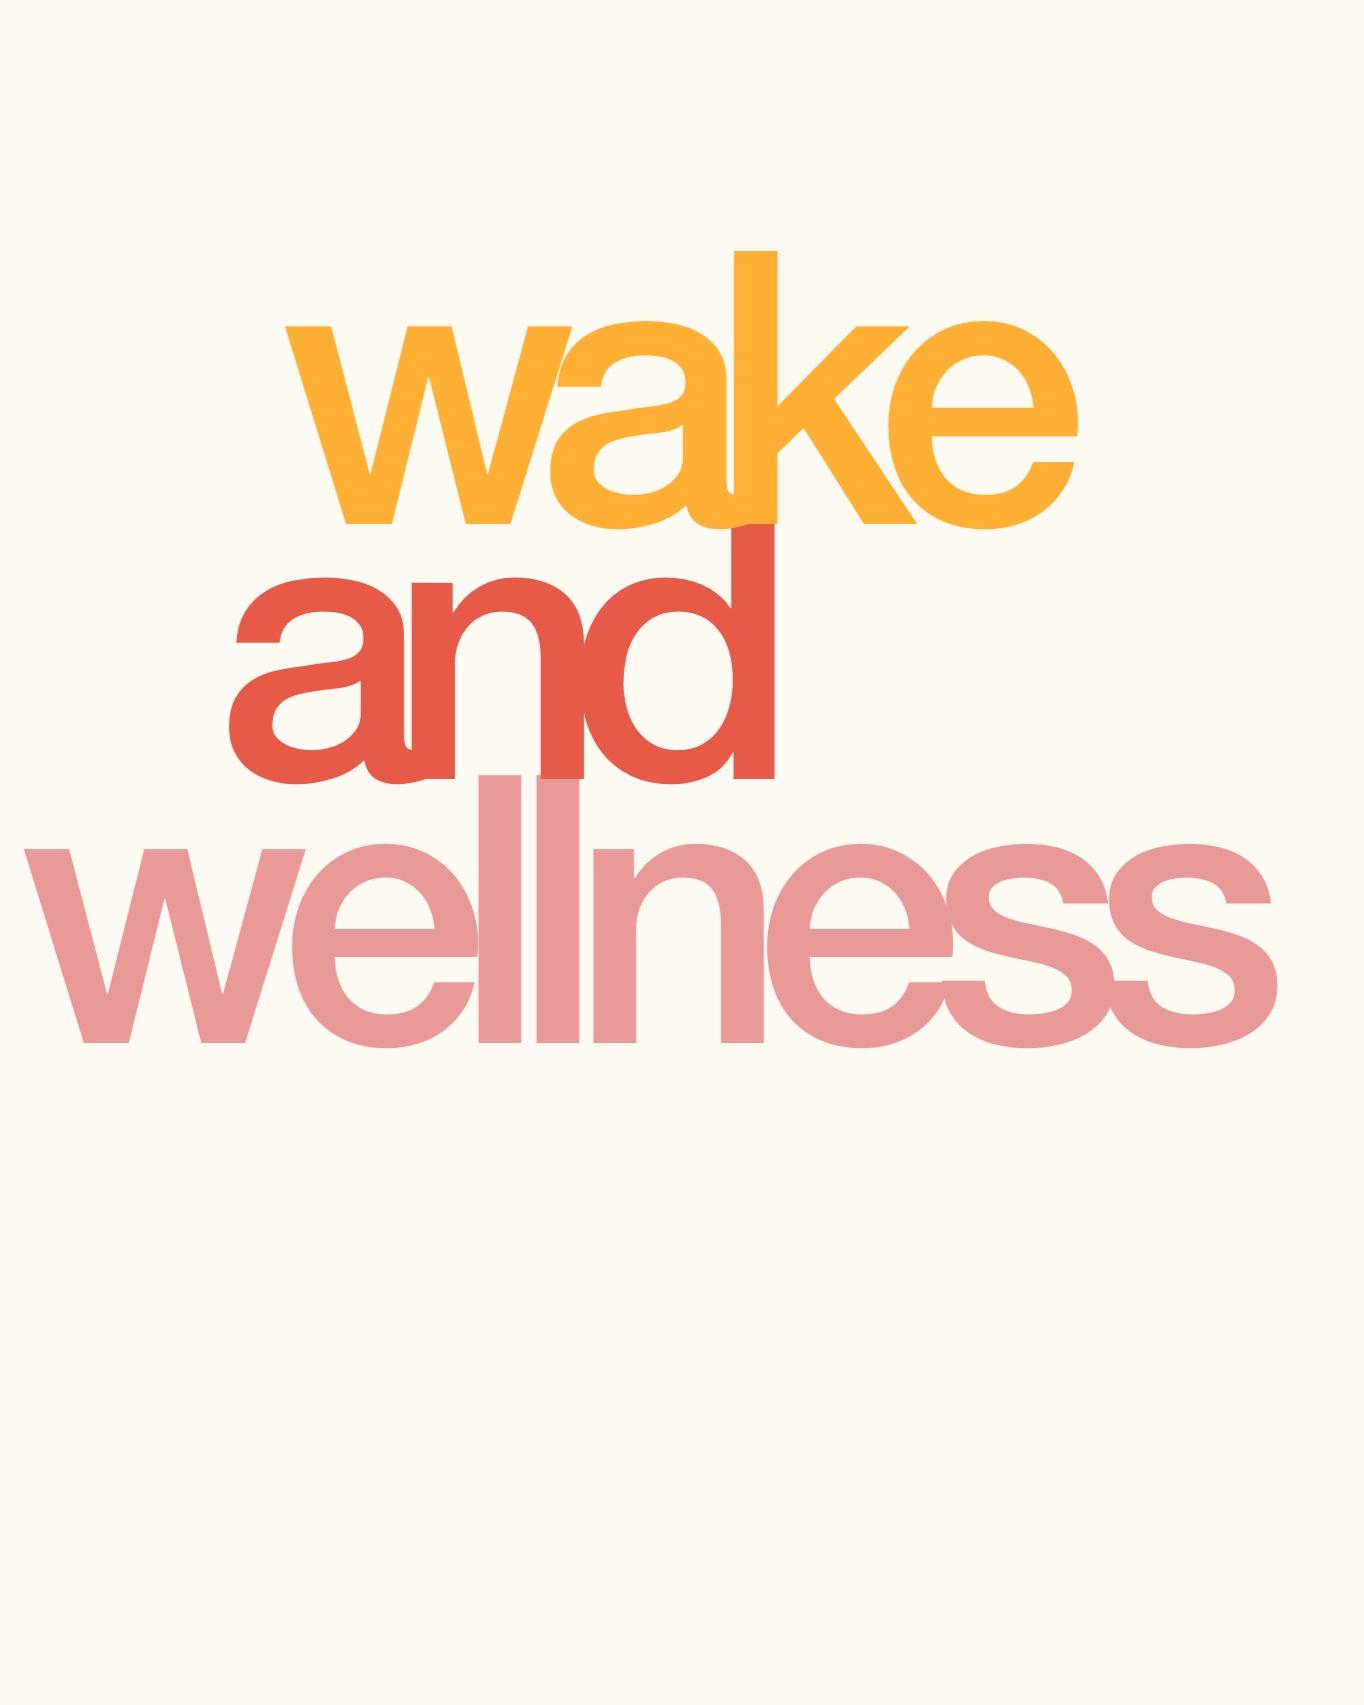 wakeandwellness.jpg